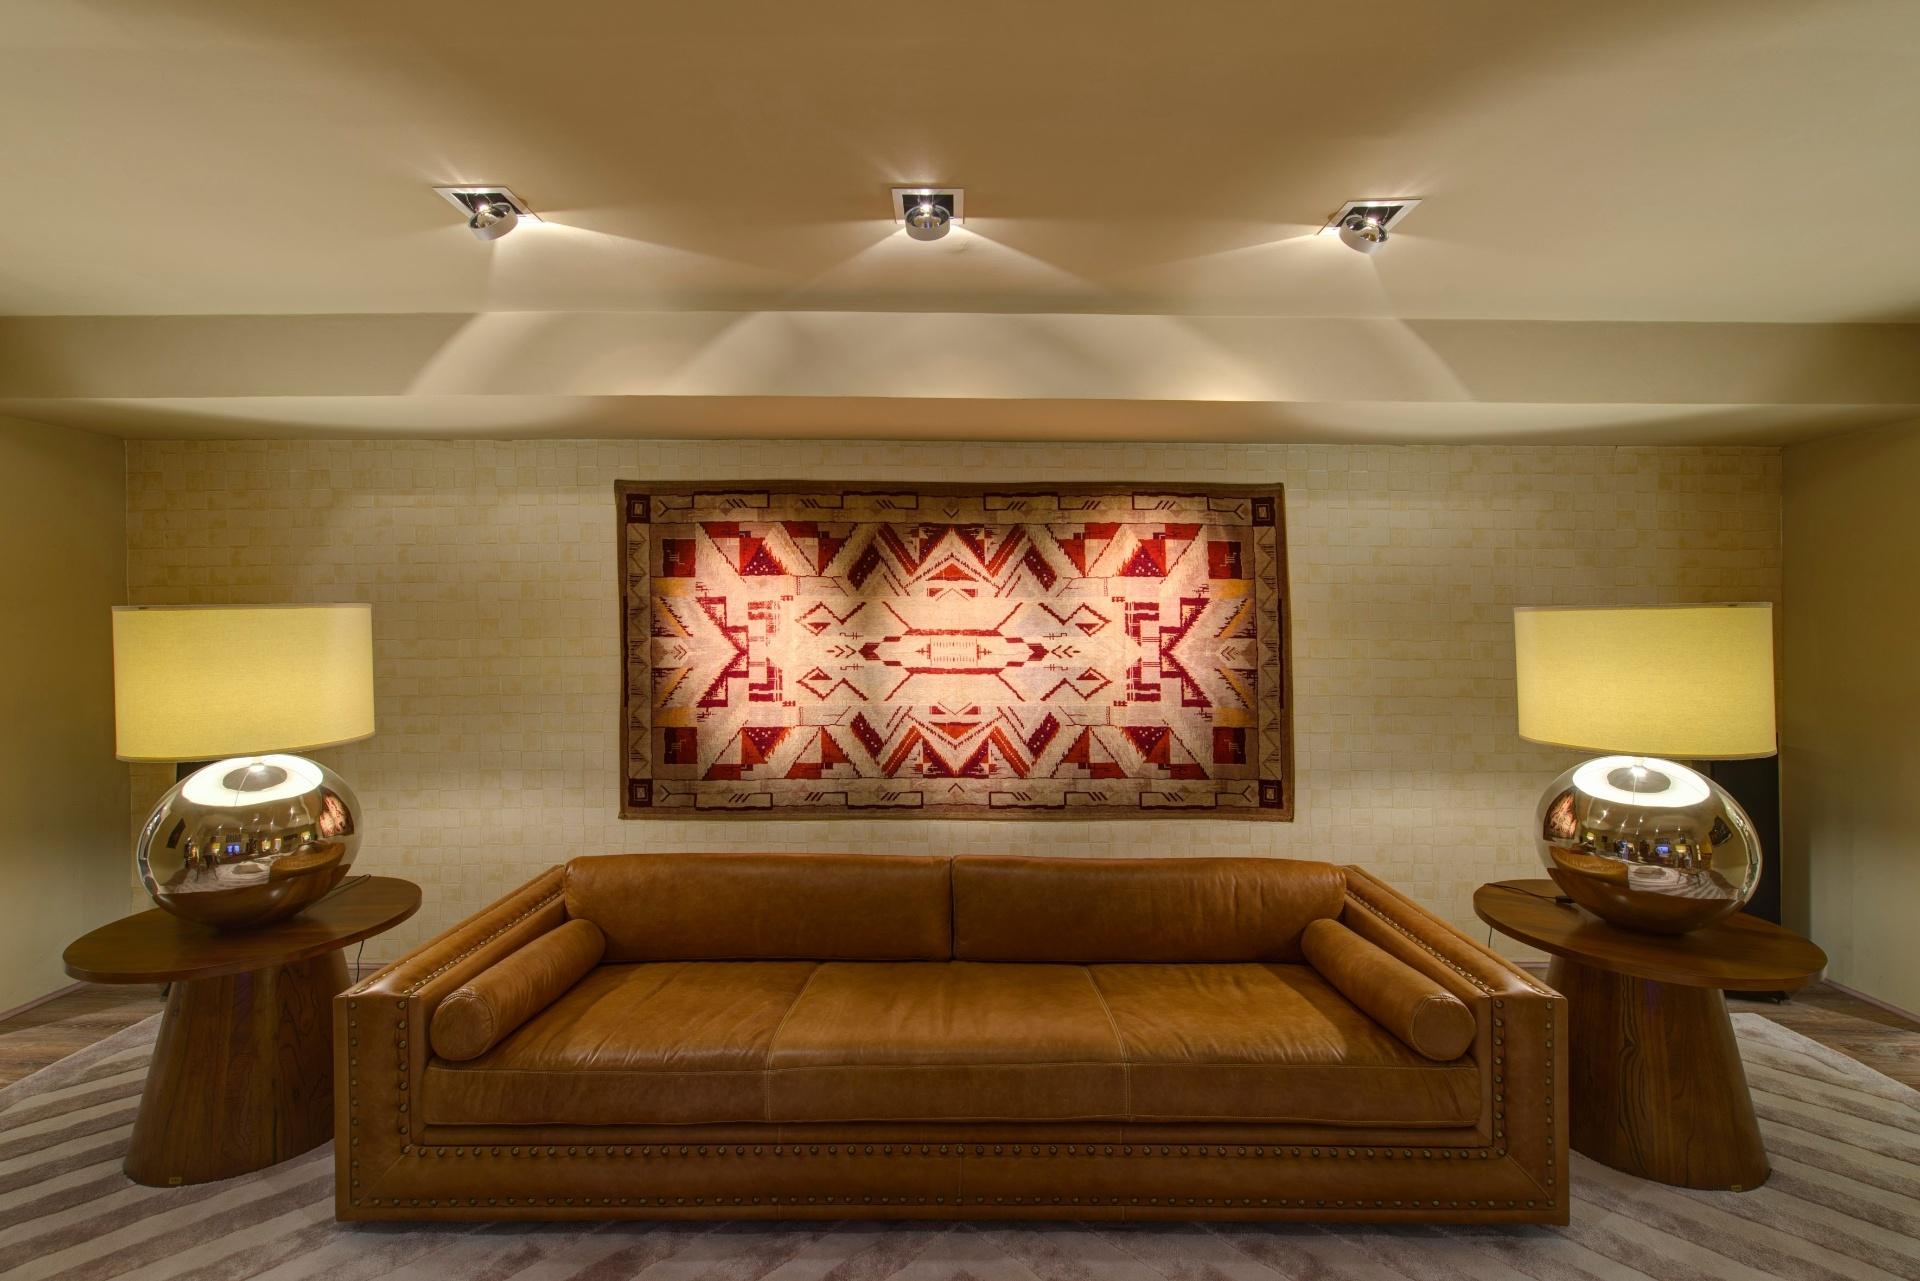 Dar novos usos a objetos - No Living, o arquiteto João Mansur decorou uma das paredes com um tapete. O ambiente tem uma proposta limpa e atemporal, composta por cores sóbrias e disposição simétrica dos elementos